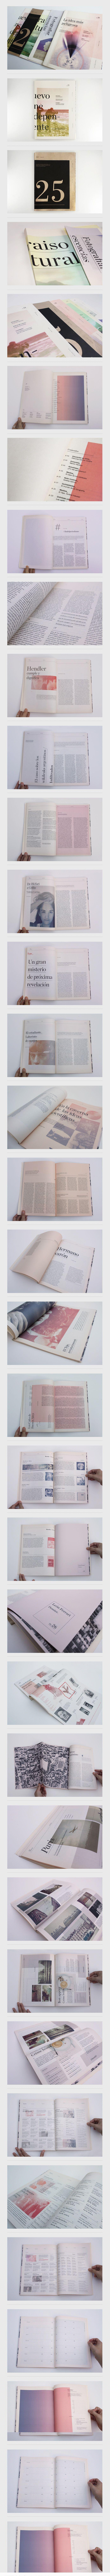 sommaire image et texte en debord- changer orientation du support pour partie images.